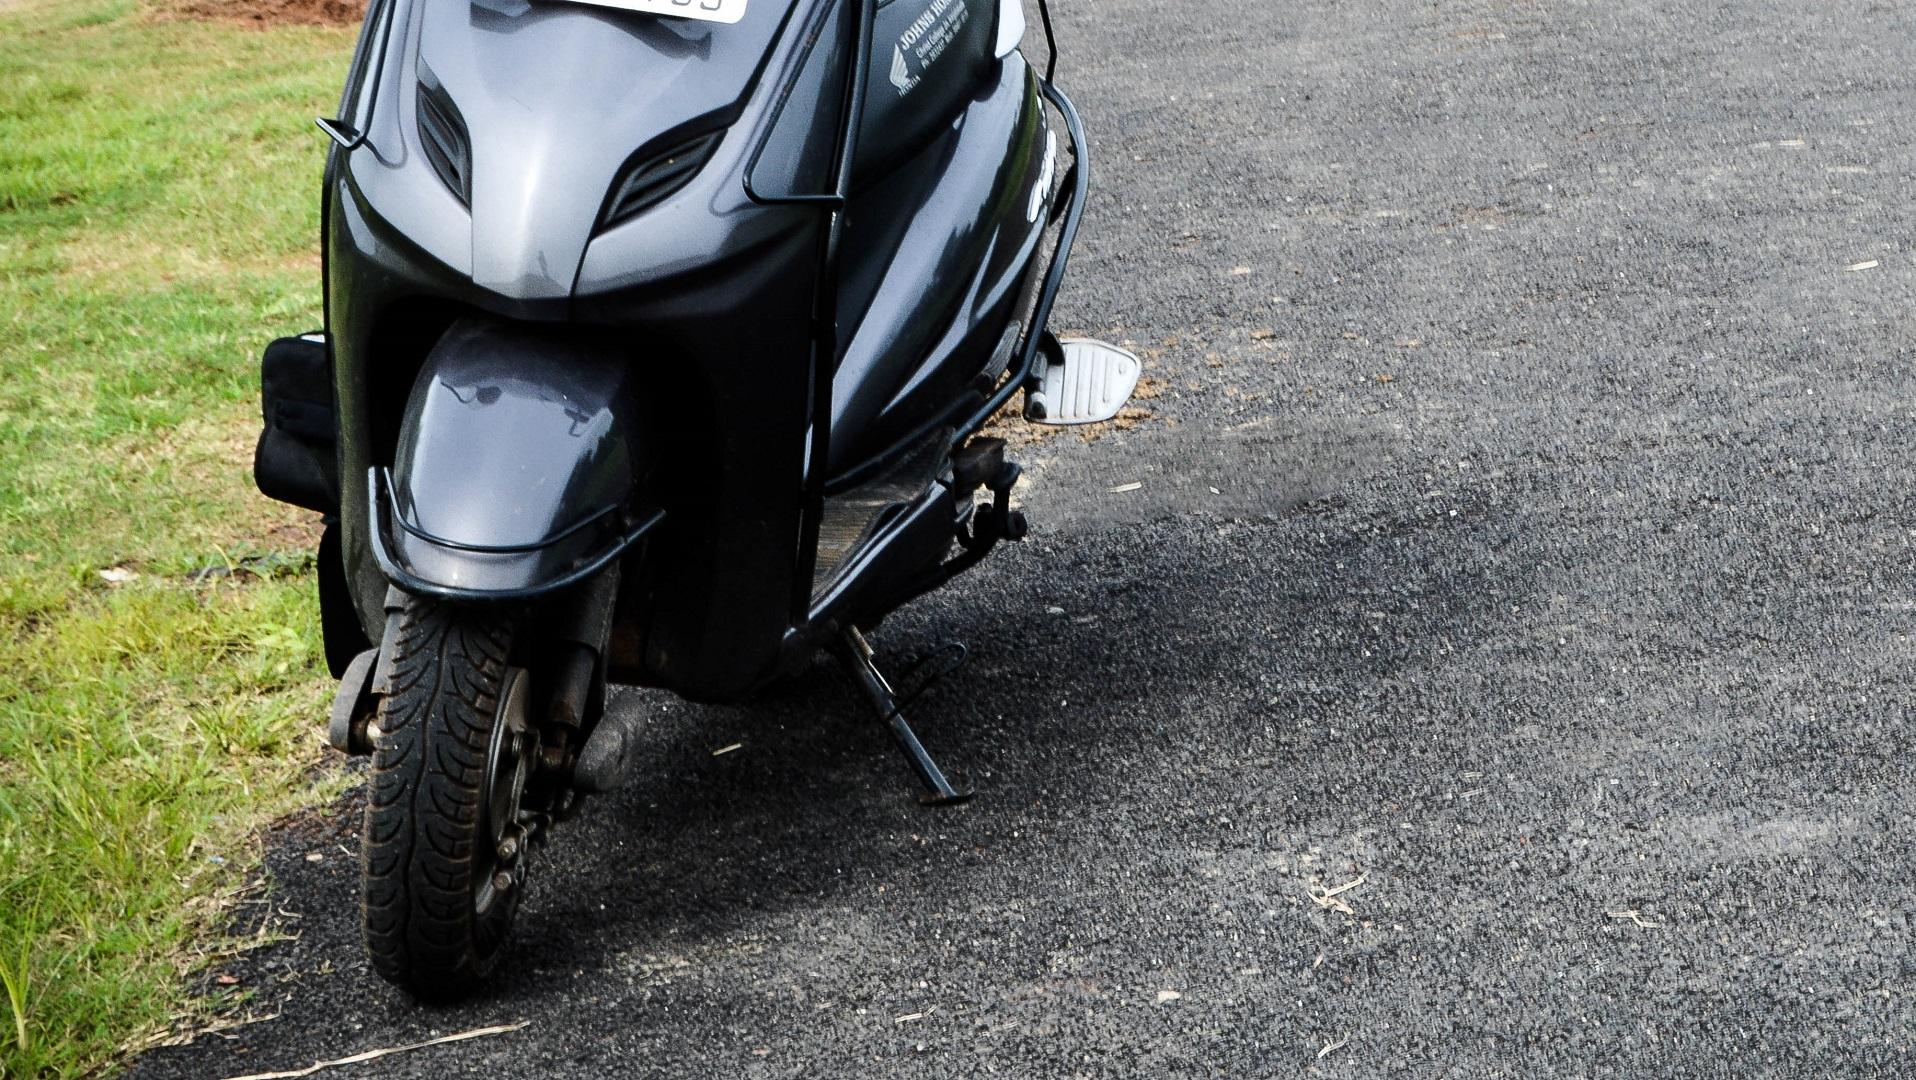 La moto eléctrica india sale a la venta por 300 dólares